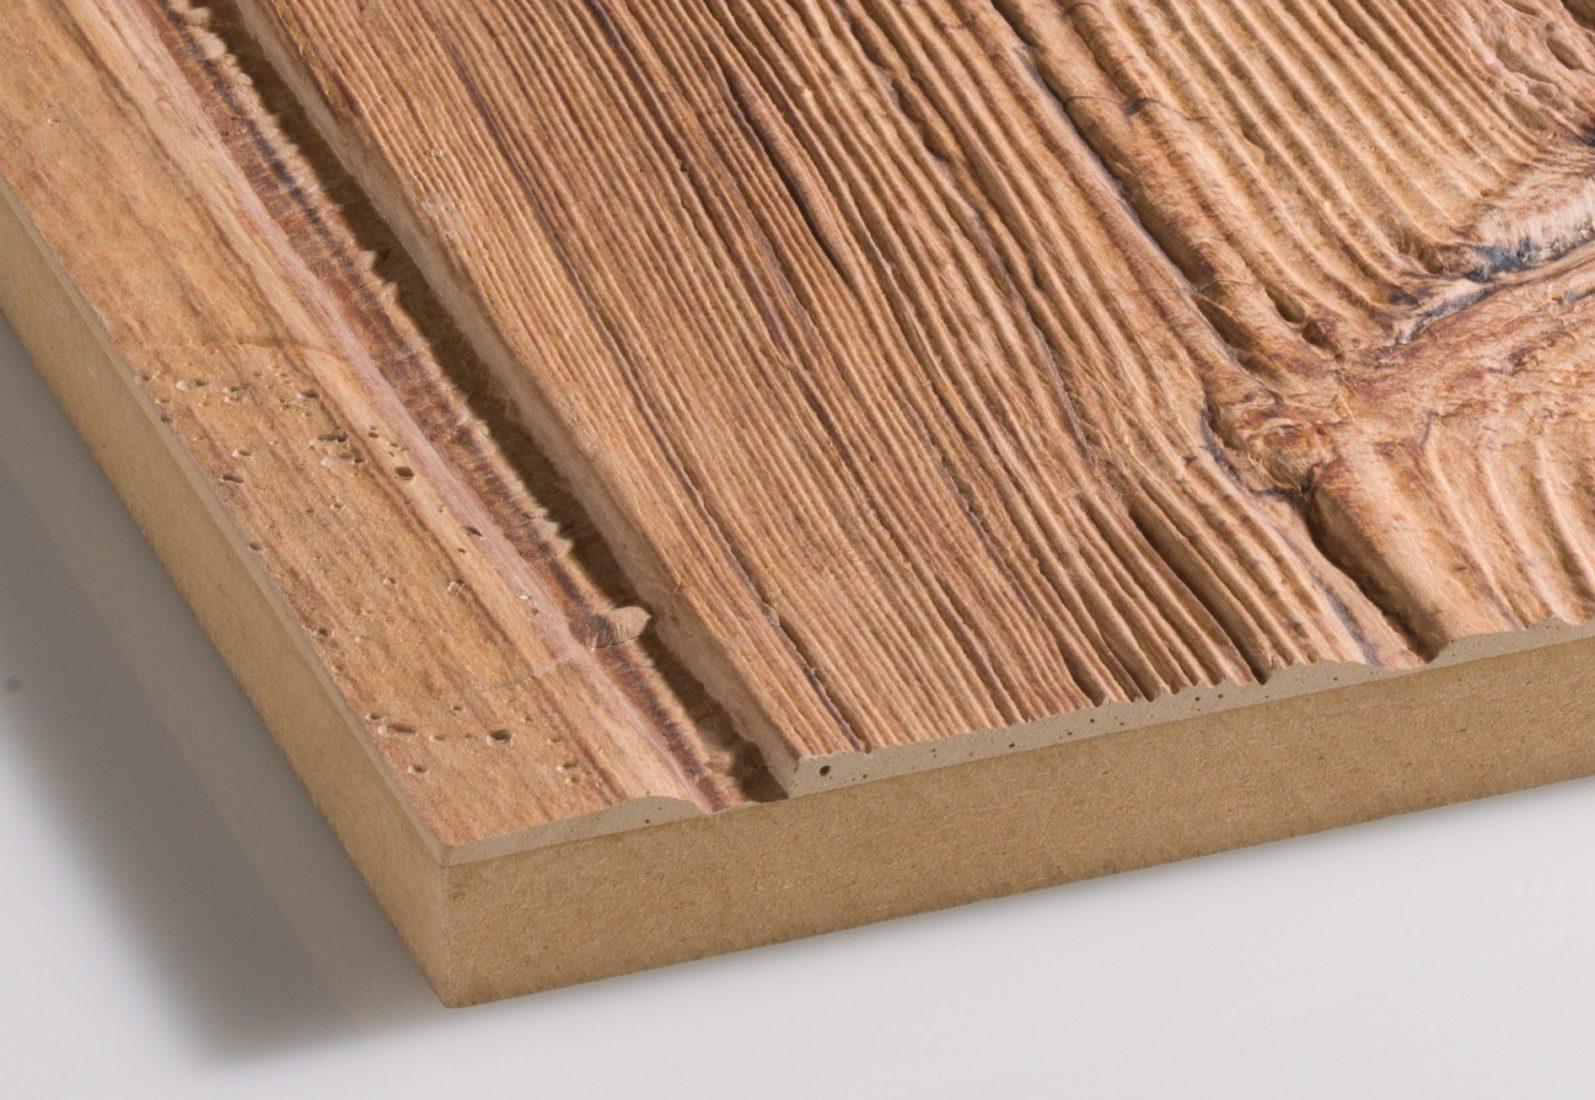 Dieses Wandpaneel in Altholzoptik basiert auf einer Hartfaserplatte als Trägermaterial. Foto: www.imi-beton.com